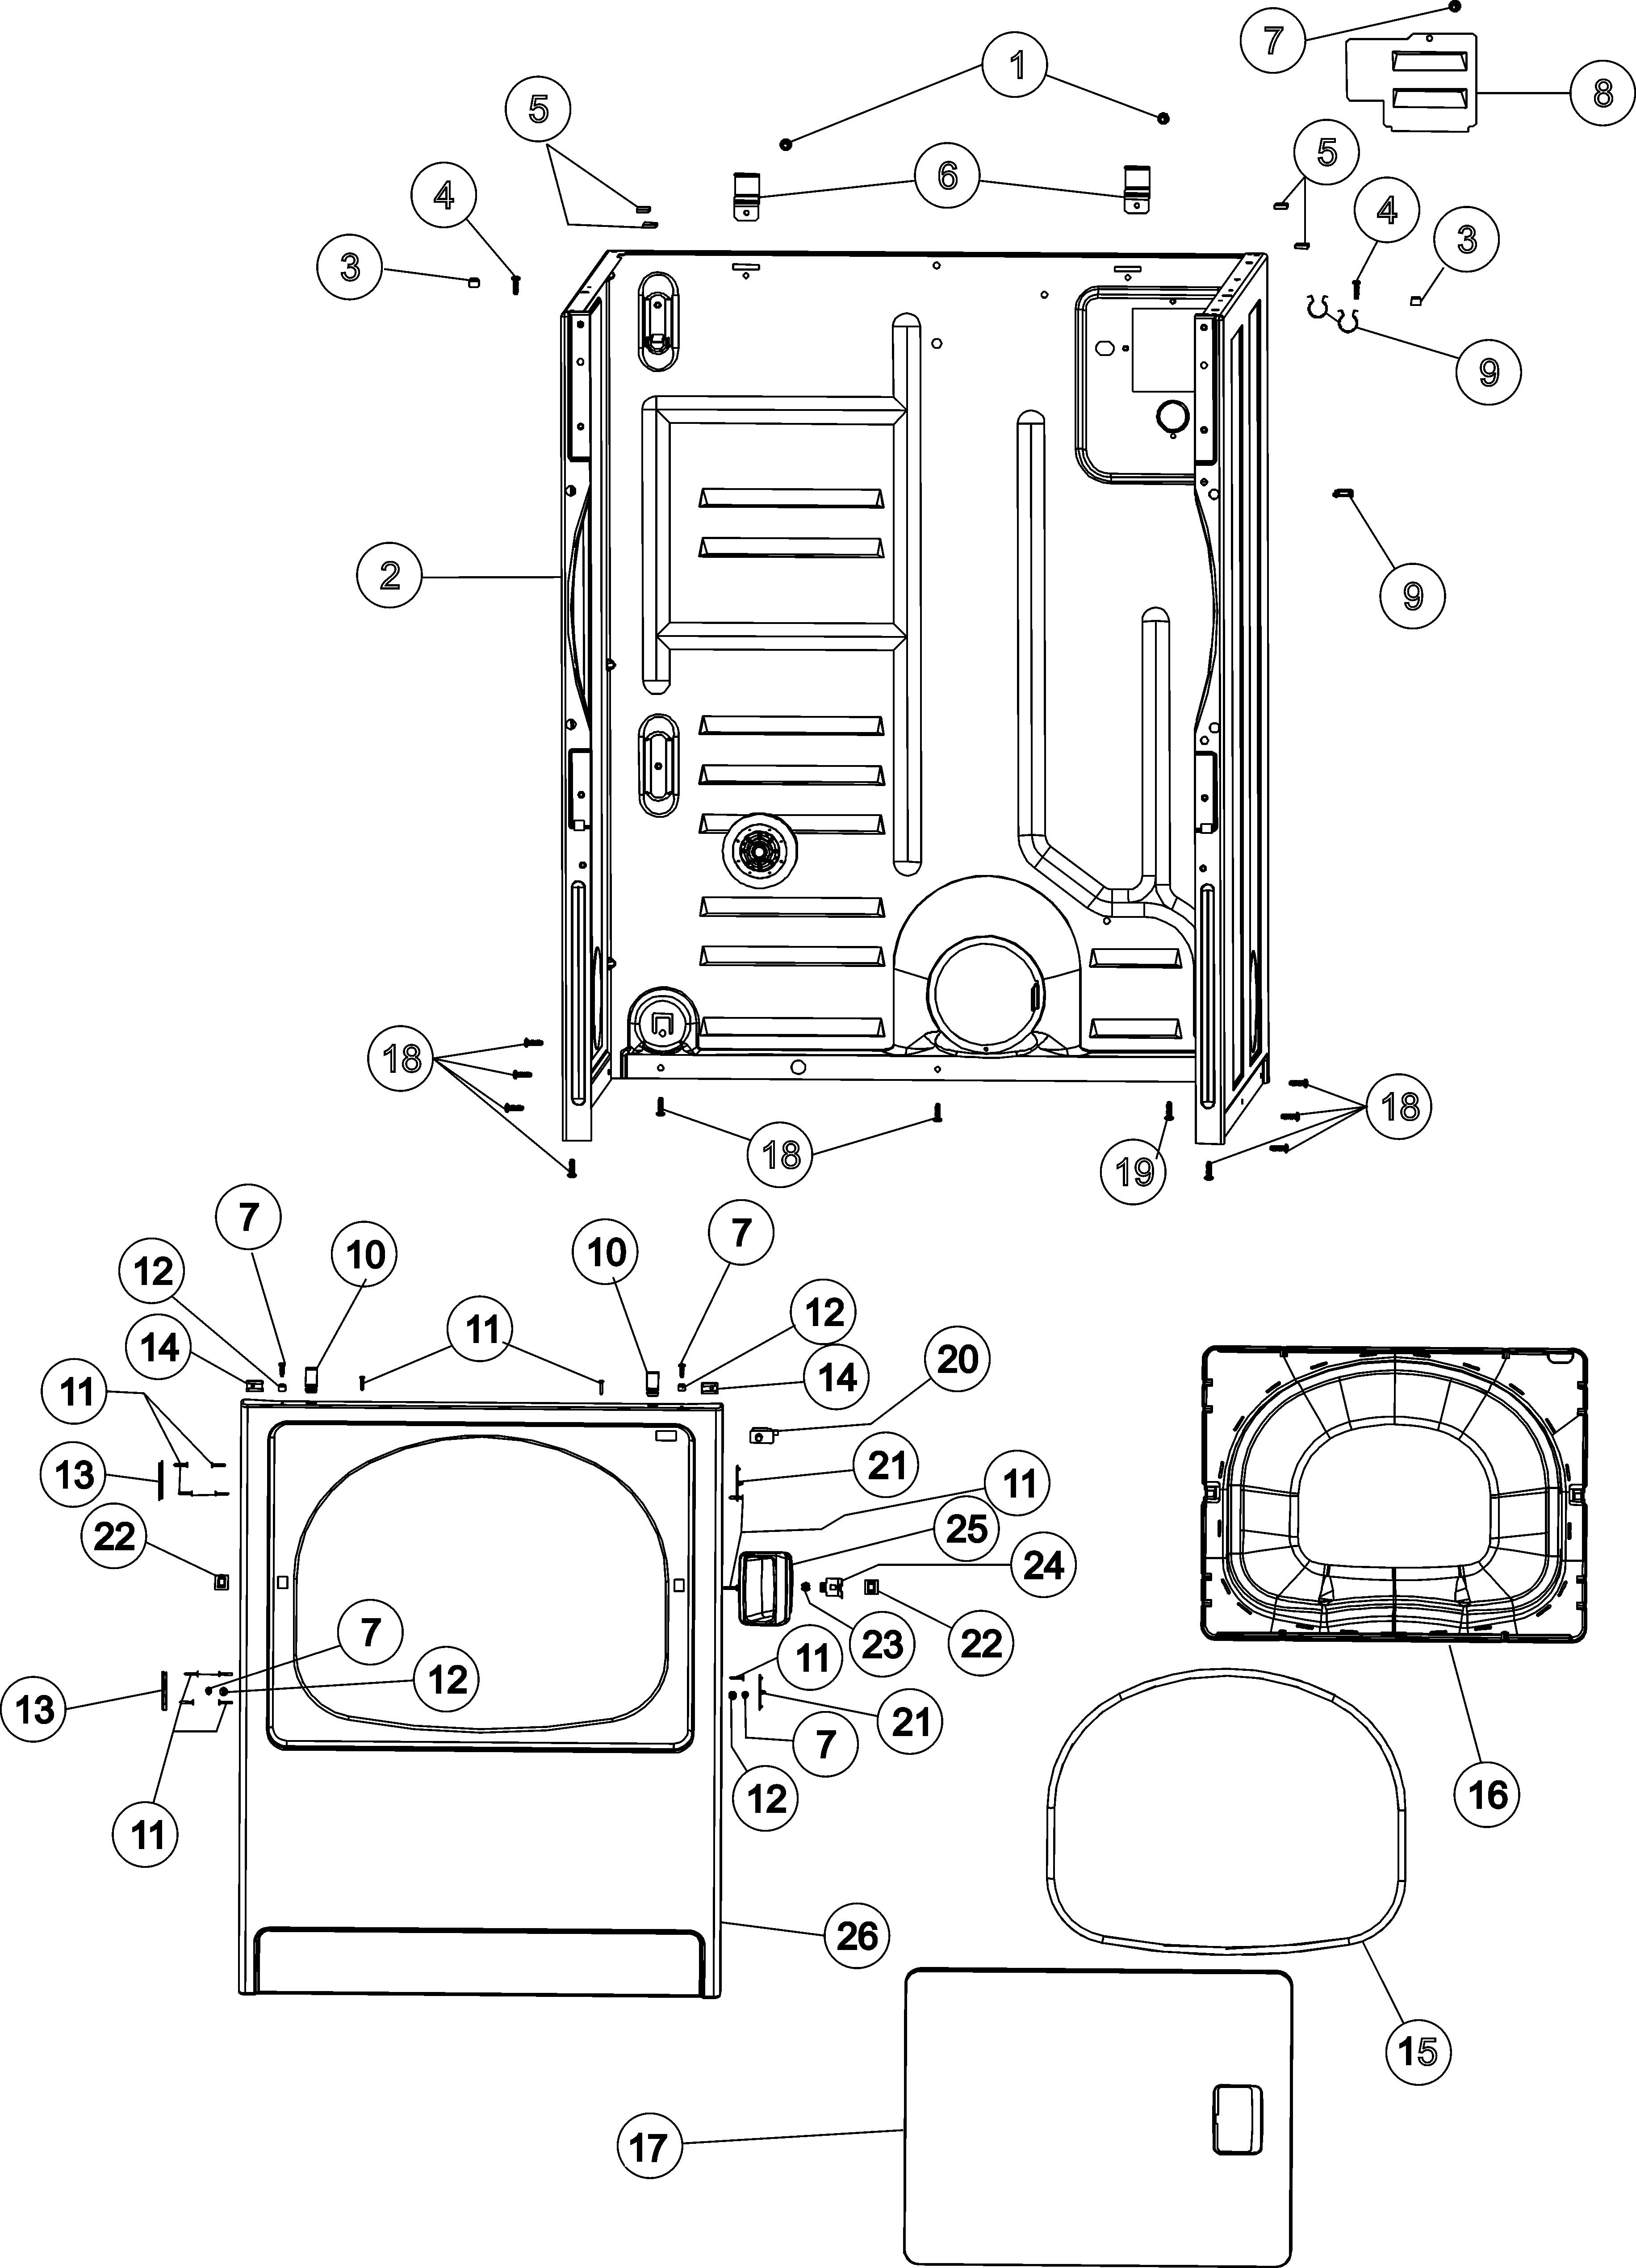 maytag m460 g dryer wiring diagram